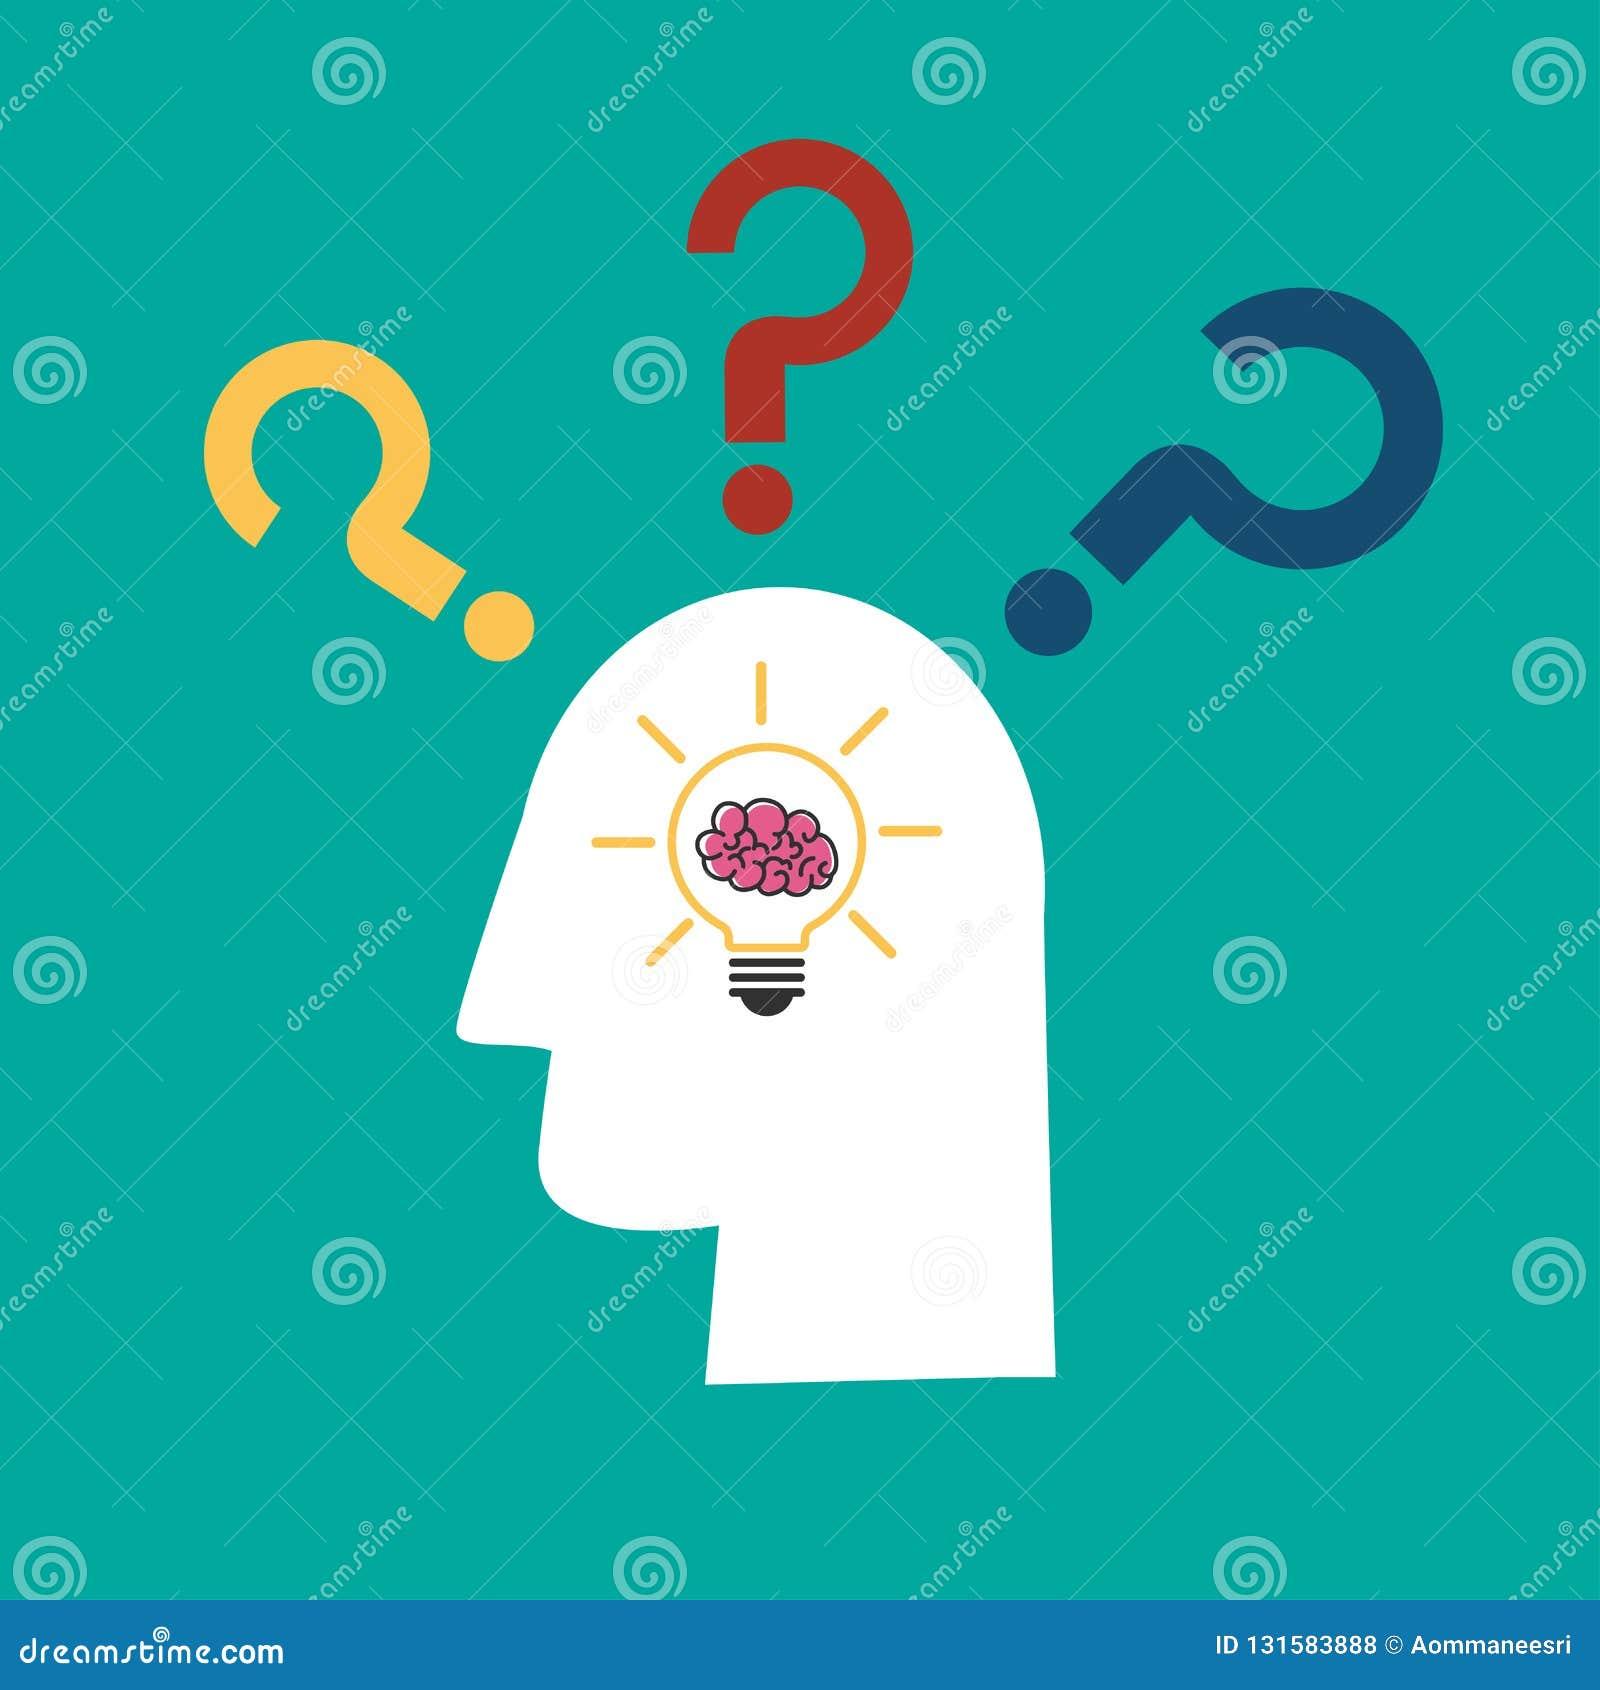 Idea della lampadina con il cervello nell icona del punto interrogativo e della testa umana